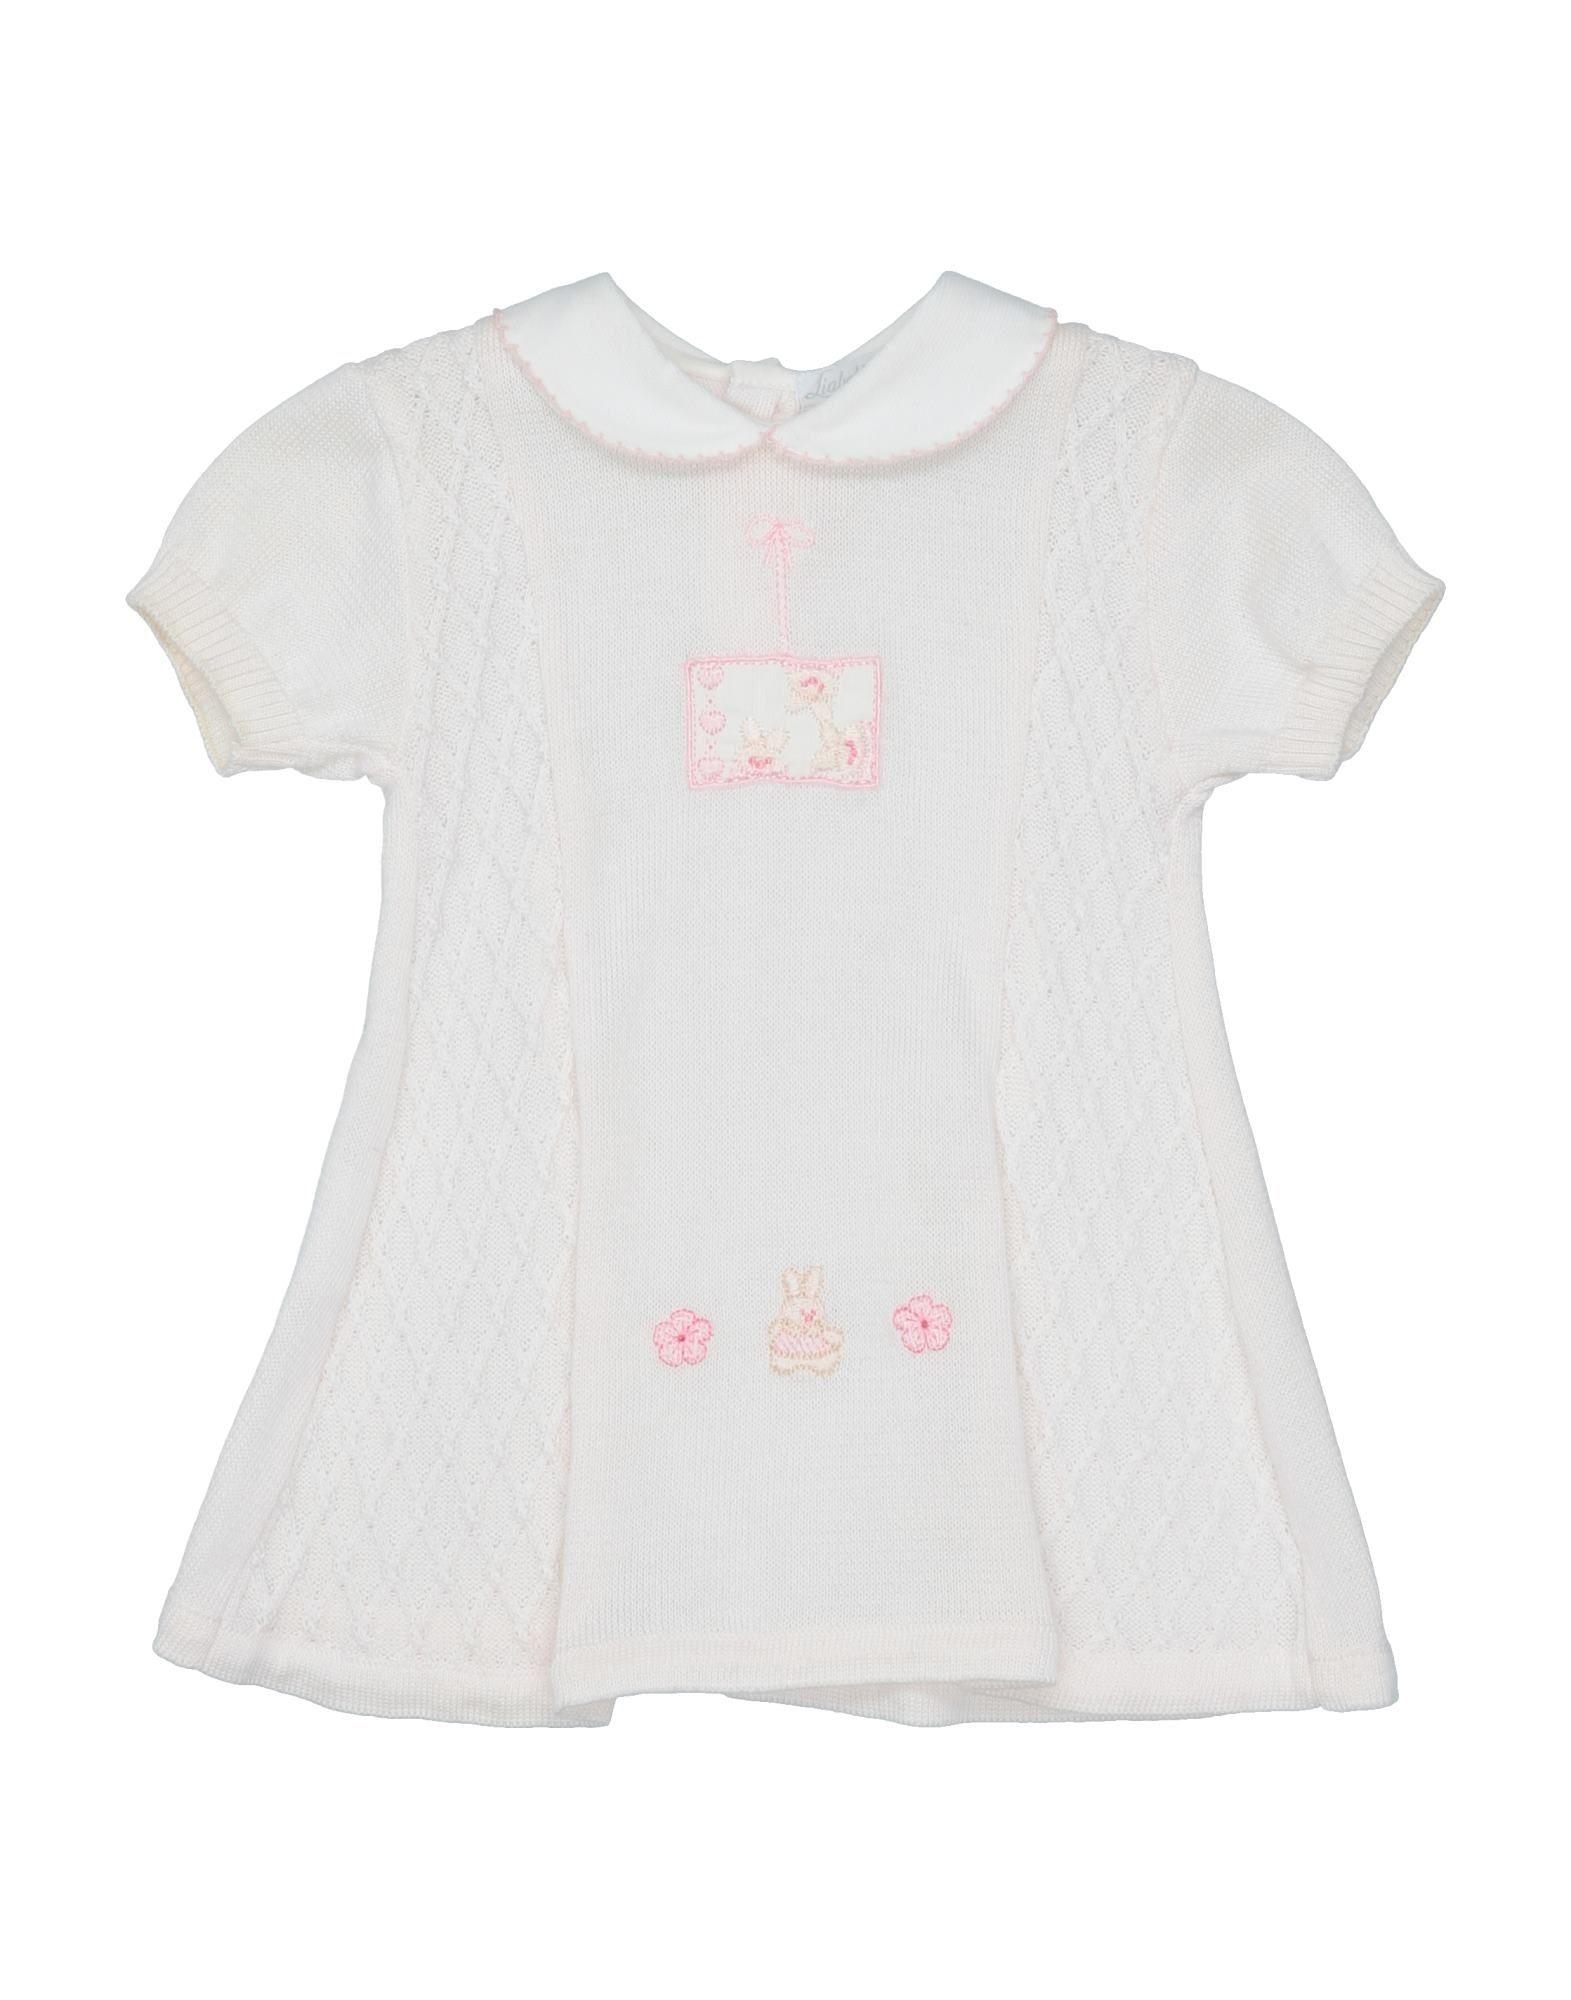 Liabel Kids' Dresses In Light Pink